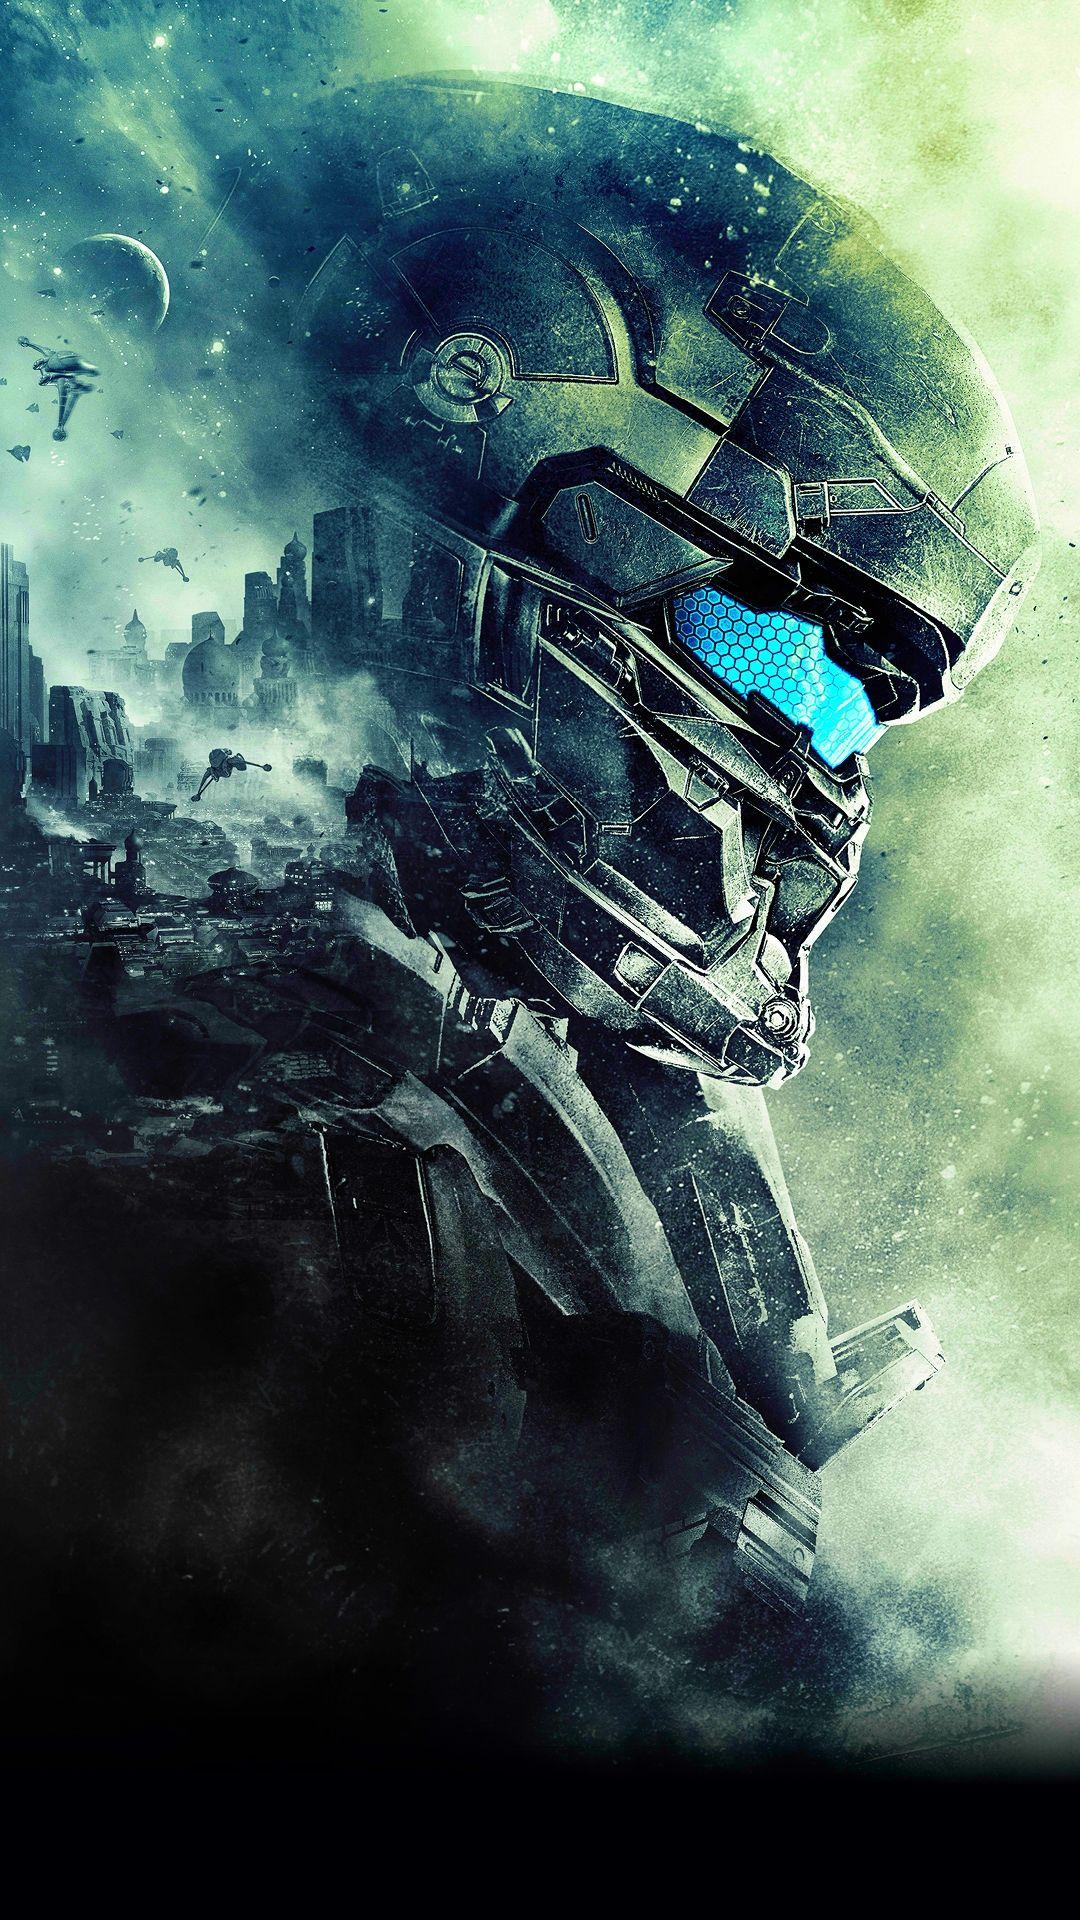 Halo 5 guardians est un jeu vid o de tir la premi re personne dit par